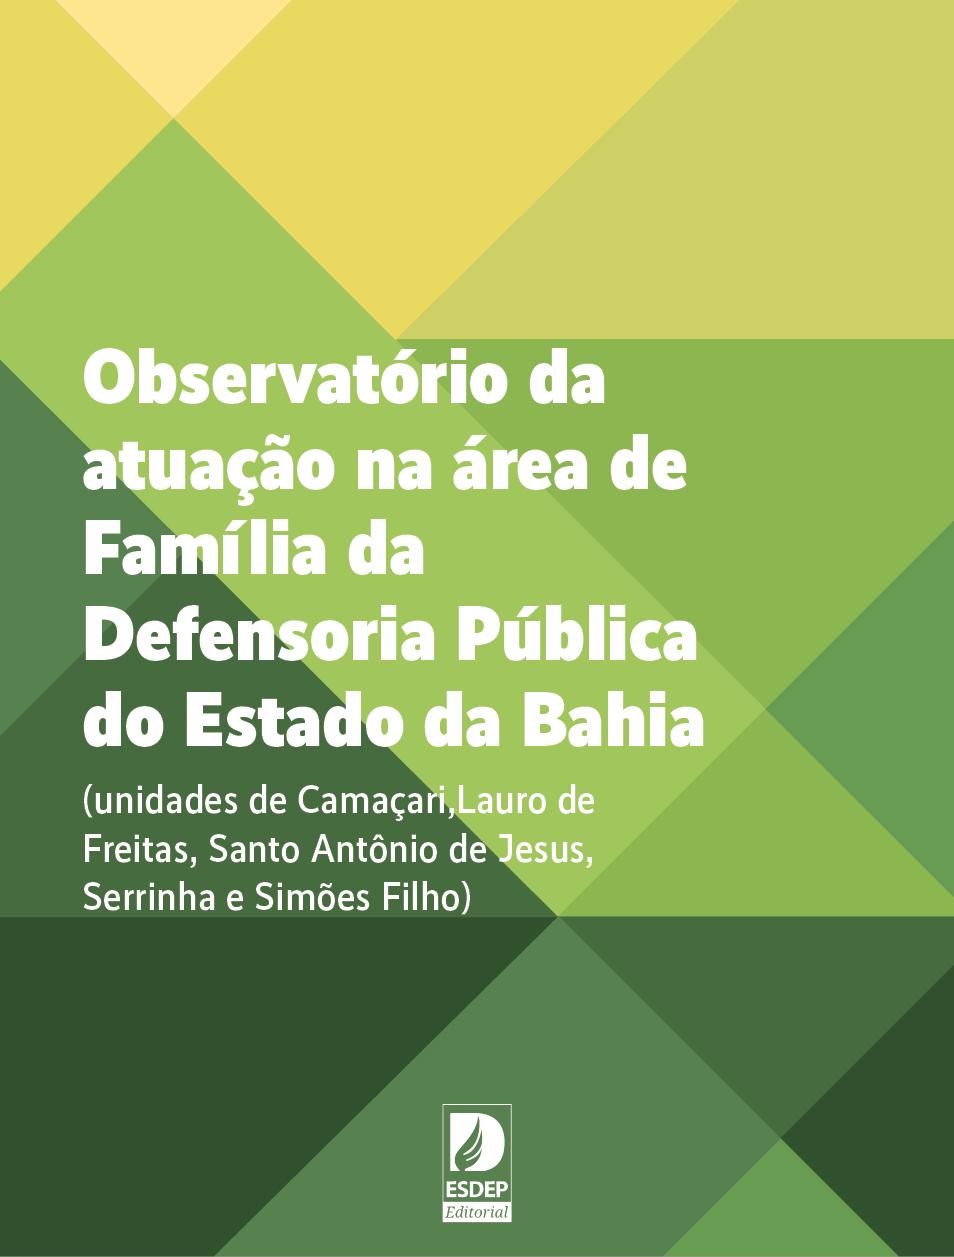 Observatório da atuação da área de Família da Defensoria Pública do Estado da Bahia